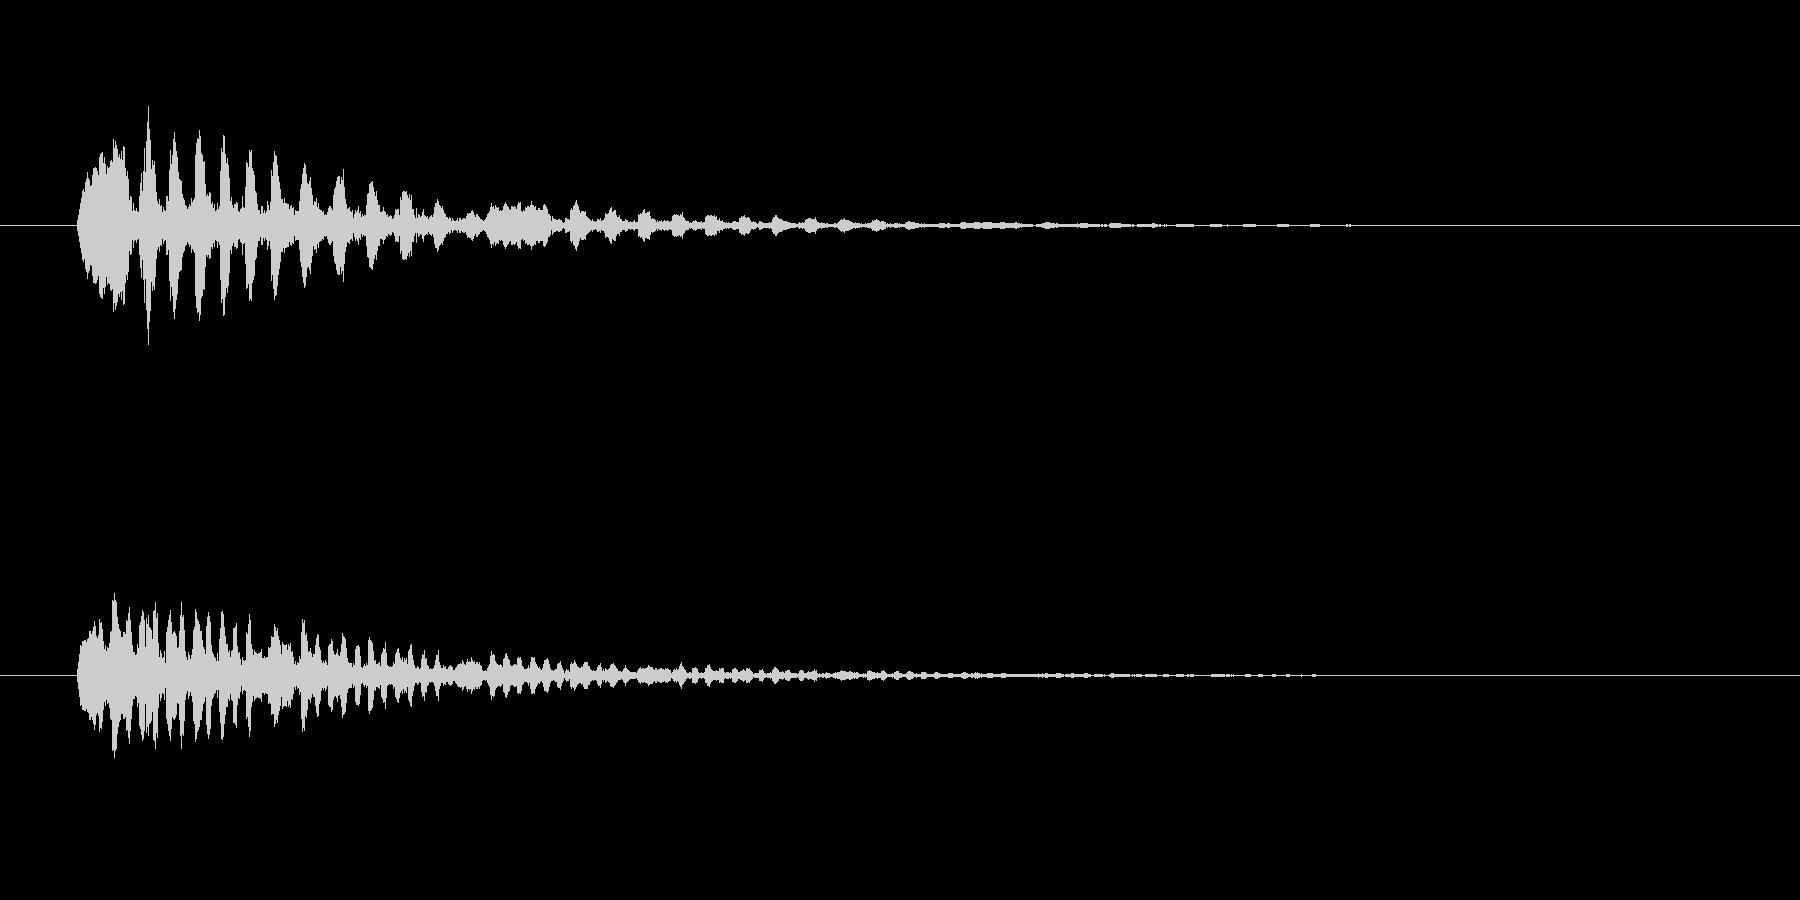 鳥のつぶやき、鳴き声などの音 SE1の未再生の波形